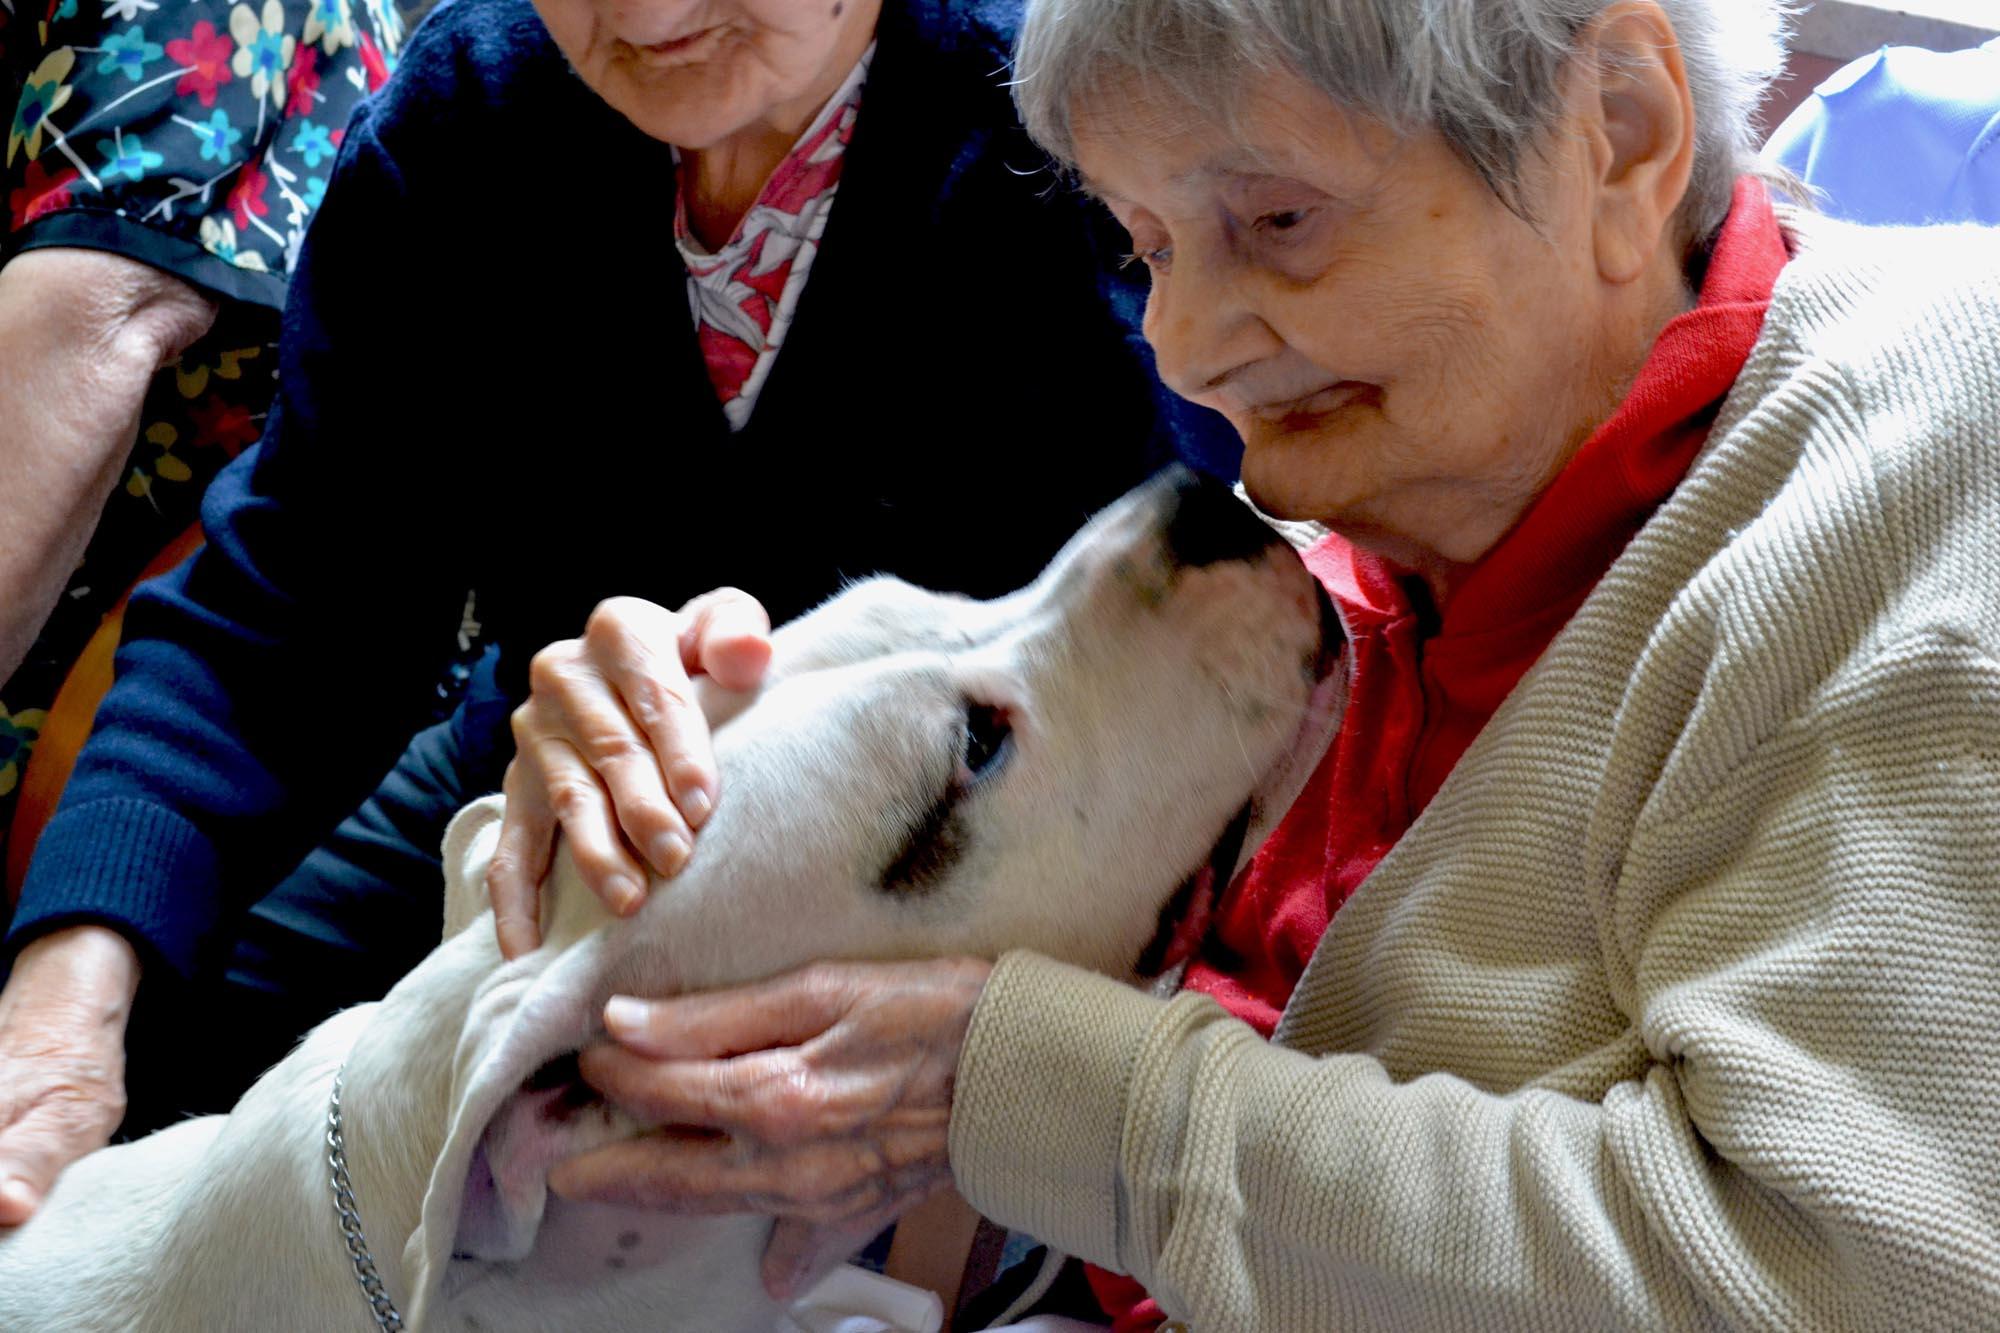 0133 Pet therapy con persone anziane - Pet Therapy con anziani